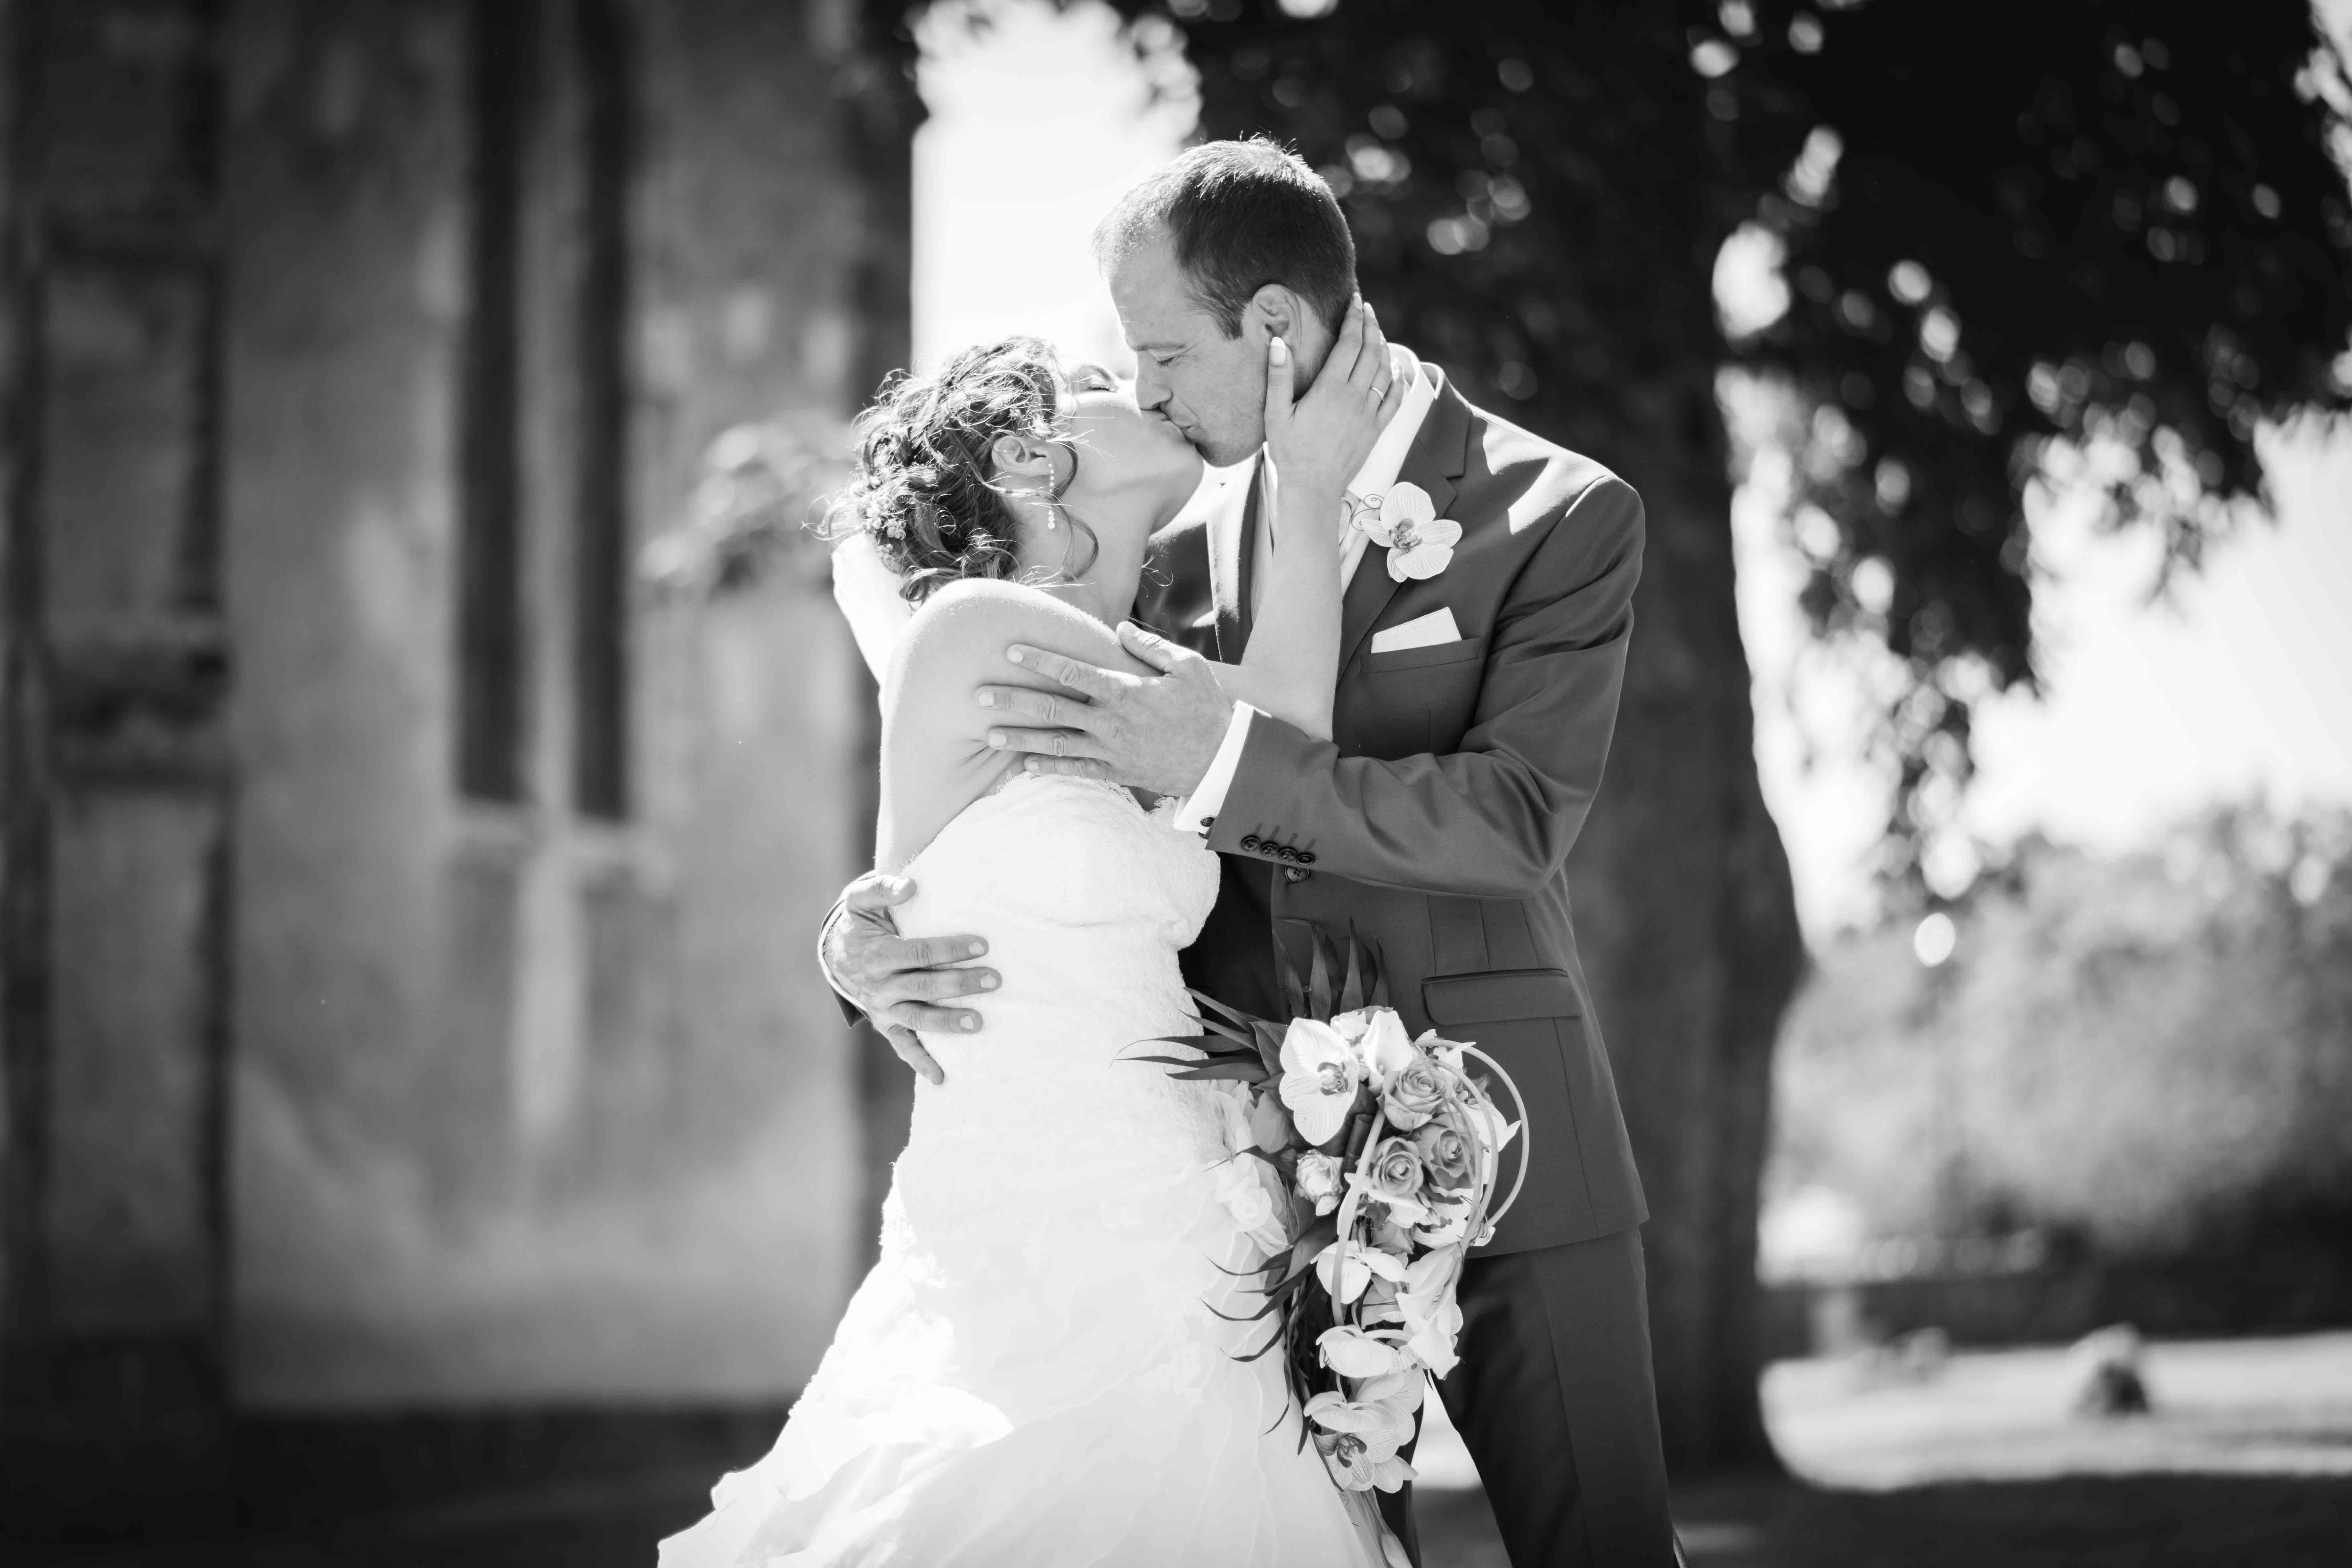 Photo mariage bordeaux - alexis monteil